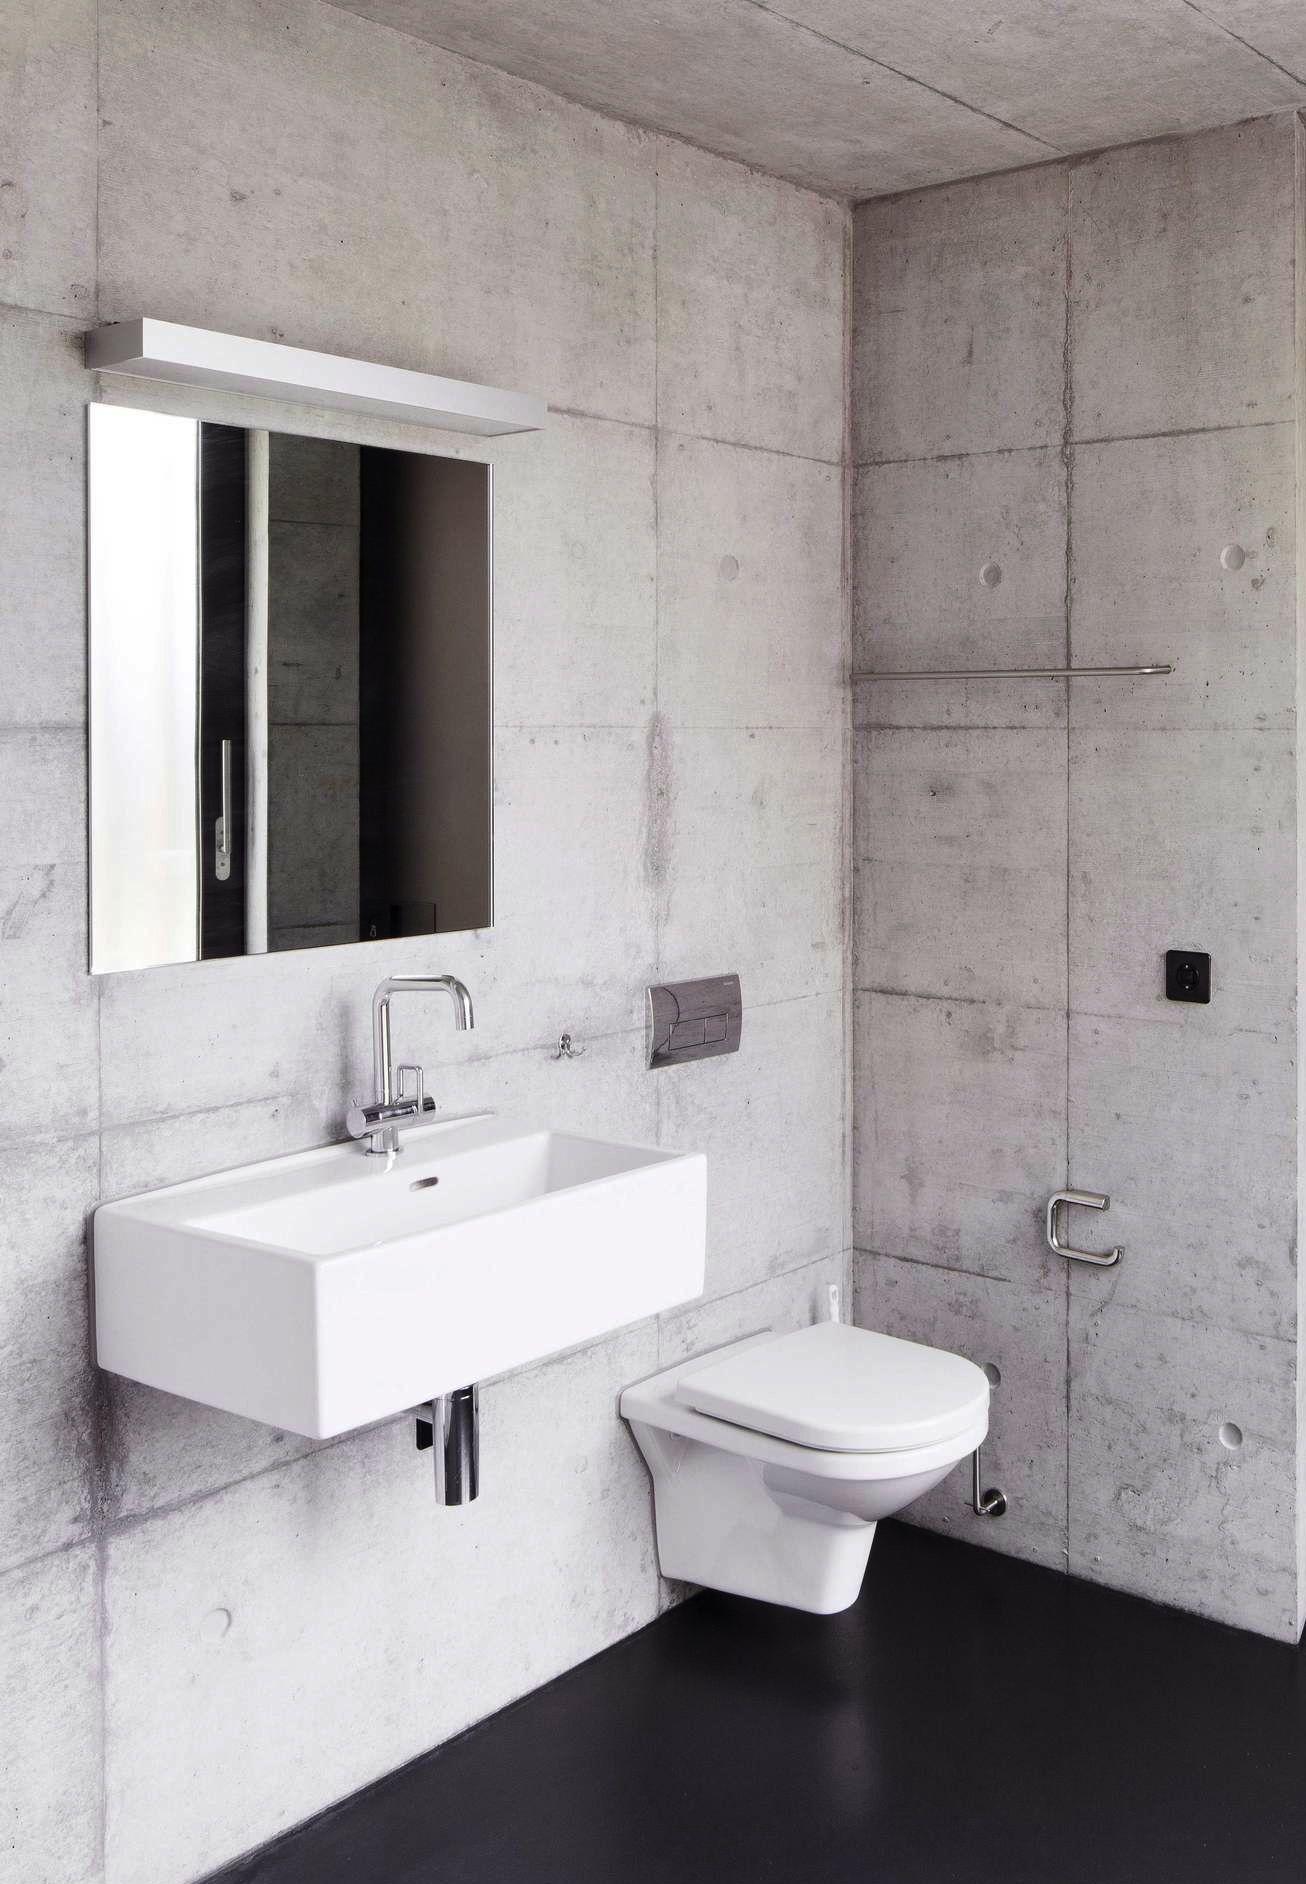 gallery of private house / gramazio & kohler - 8 | concrete